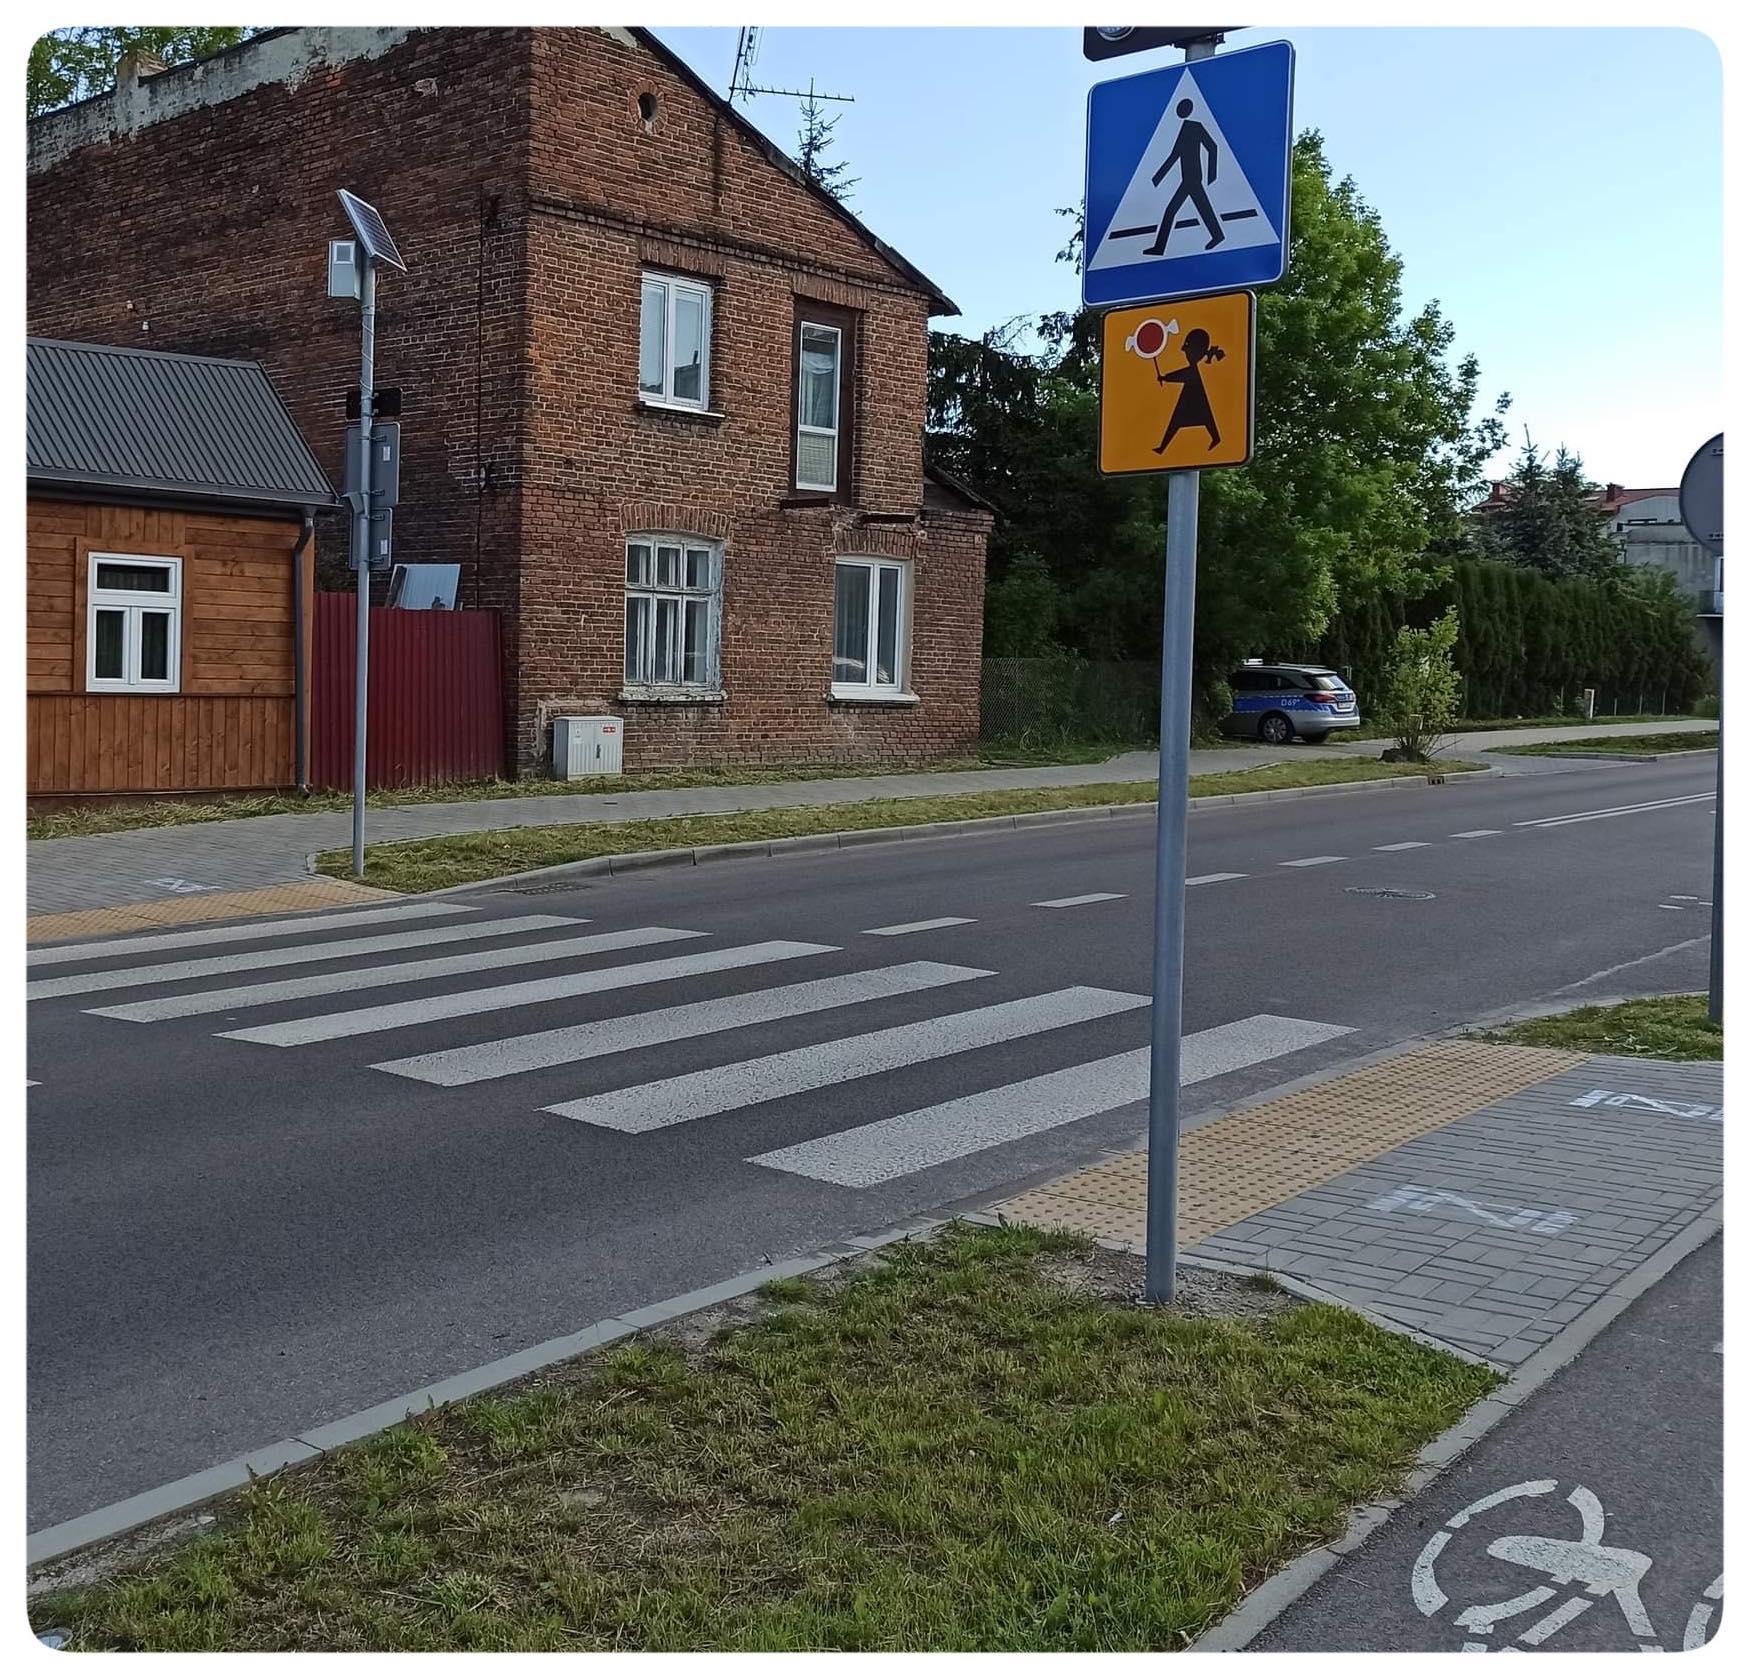 piktogramy przejscia 1 Uwaga! Zakaz używania telefonu podczas wchodzenia na jezdnie - nowe oznaczenia przed przejściami